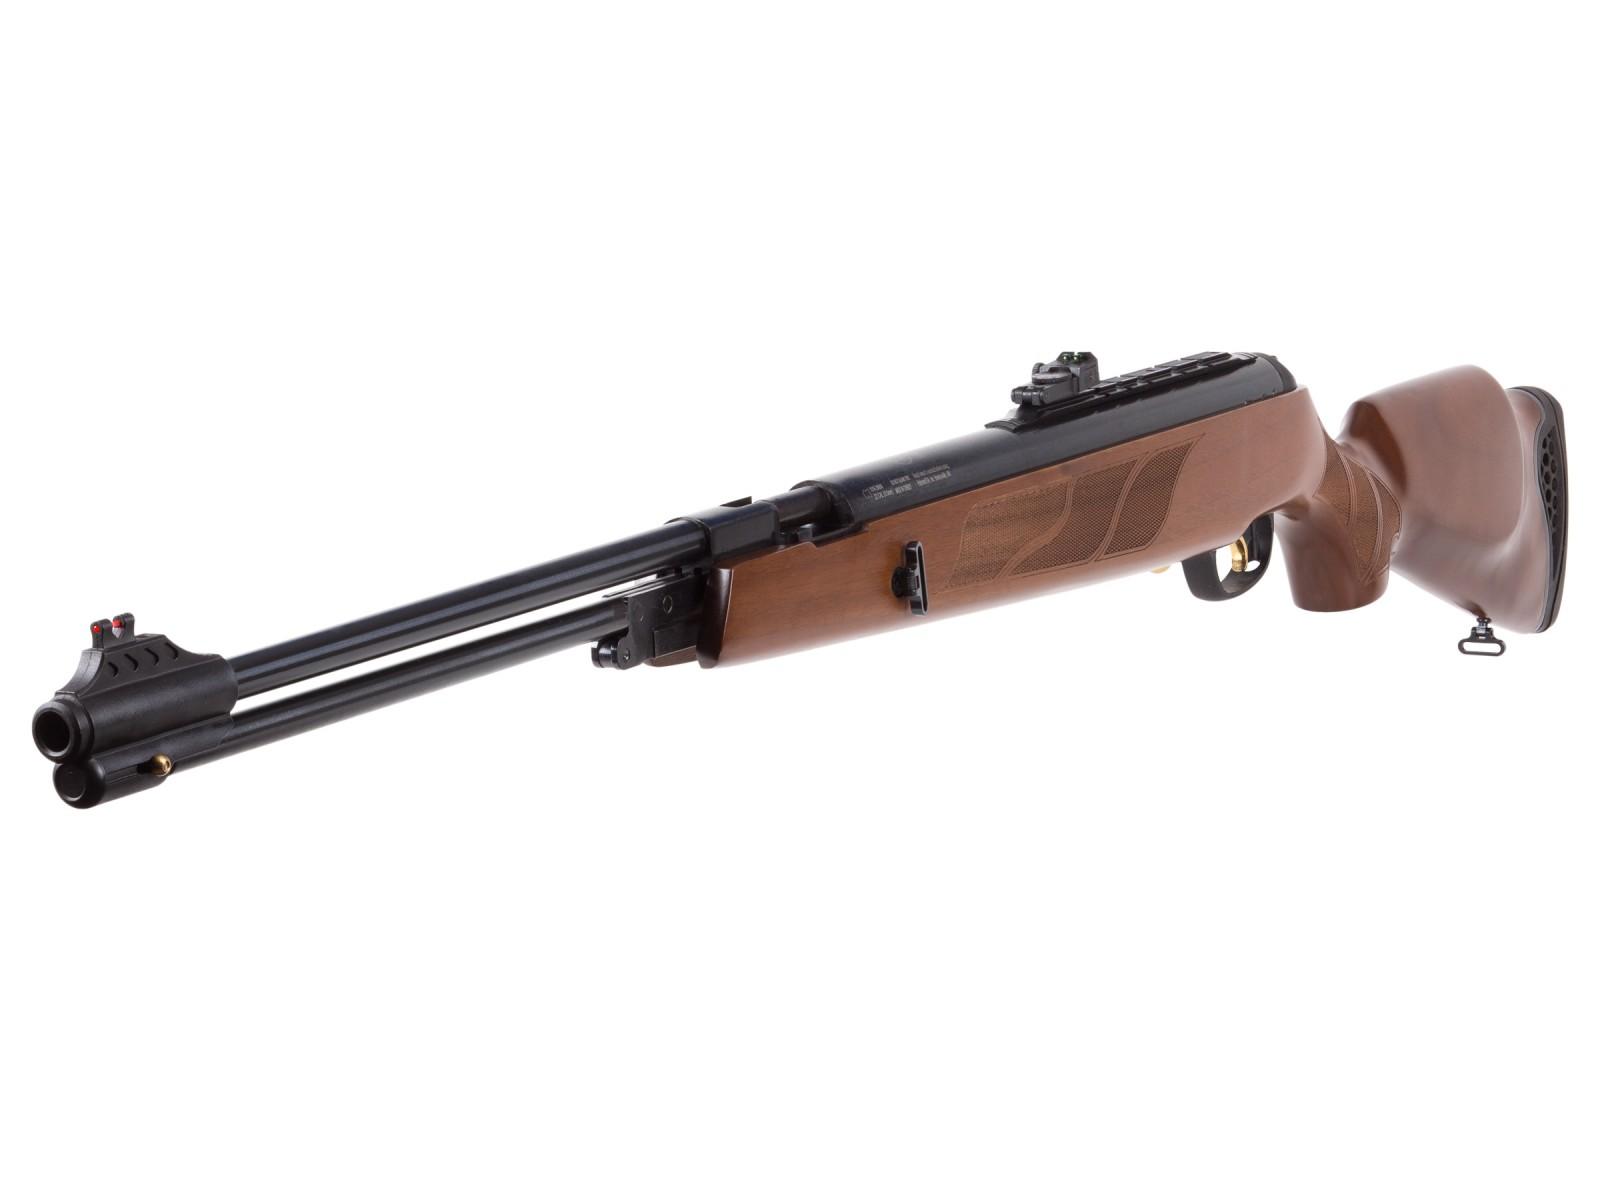 Cheap Hatsan Torpedo 155 Vortex Air Rifle, Walnut 0.25